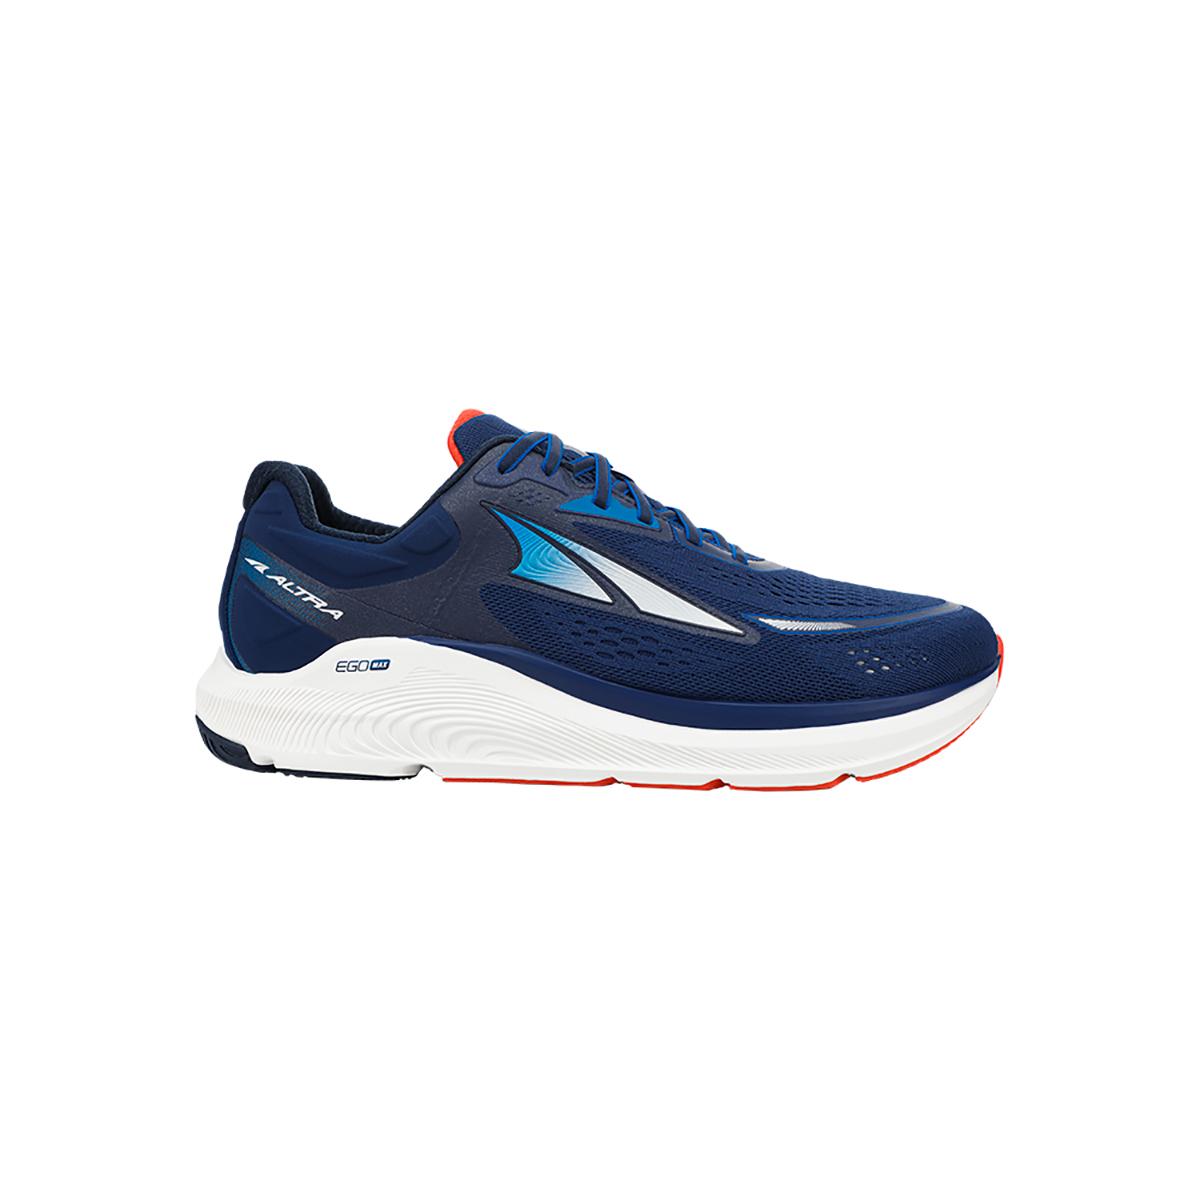 Men's Altra Paradigm 6 Running Shoe - Color: Estate Blue - Size: 7 - Width: Regular, Estate Blue, large, image 1